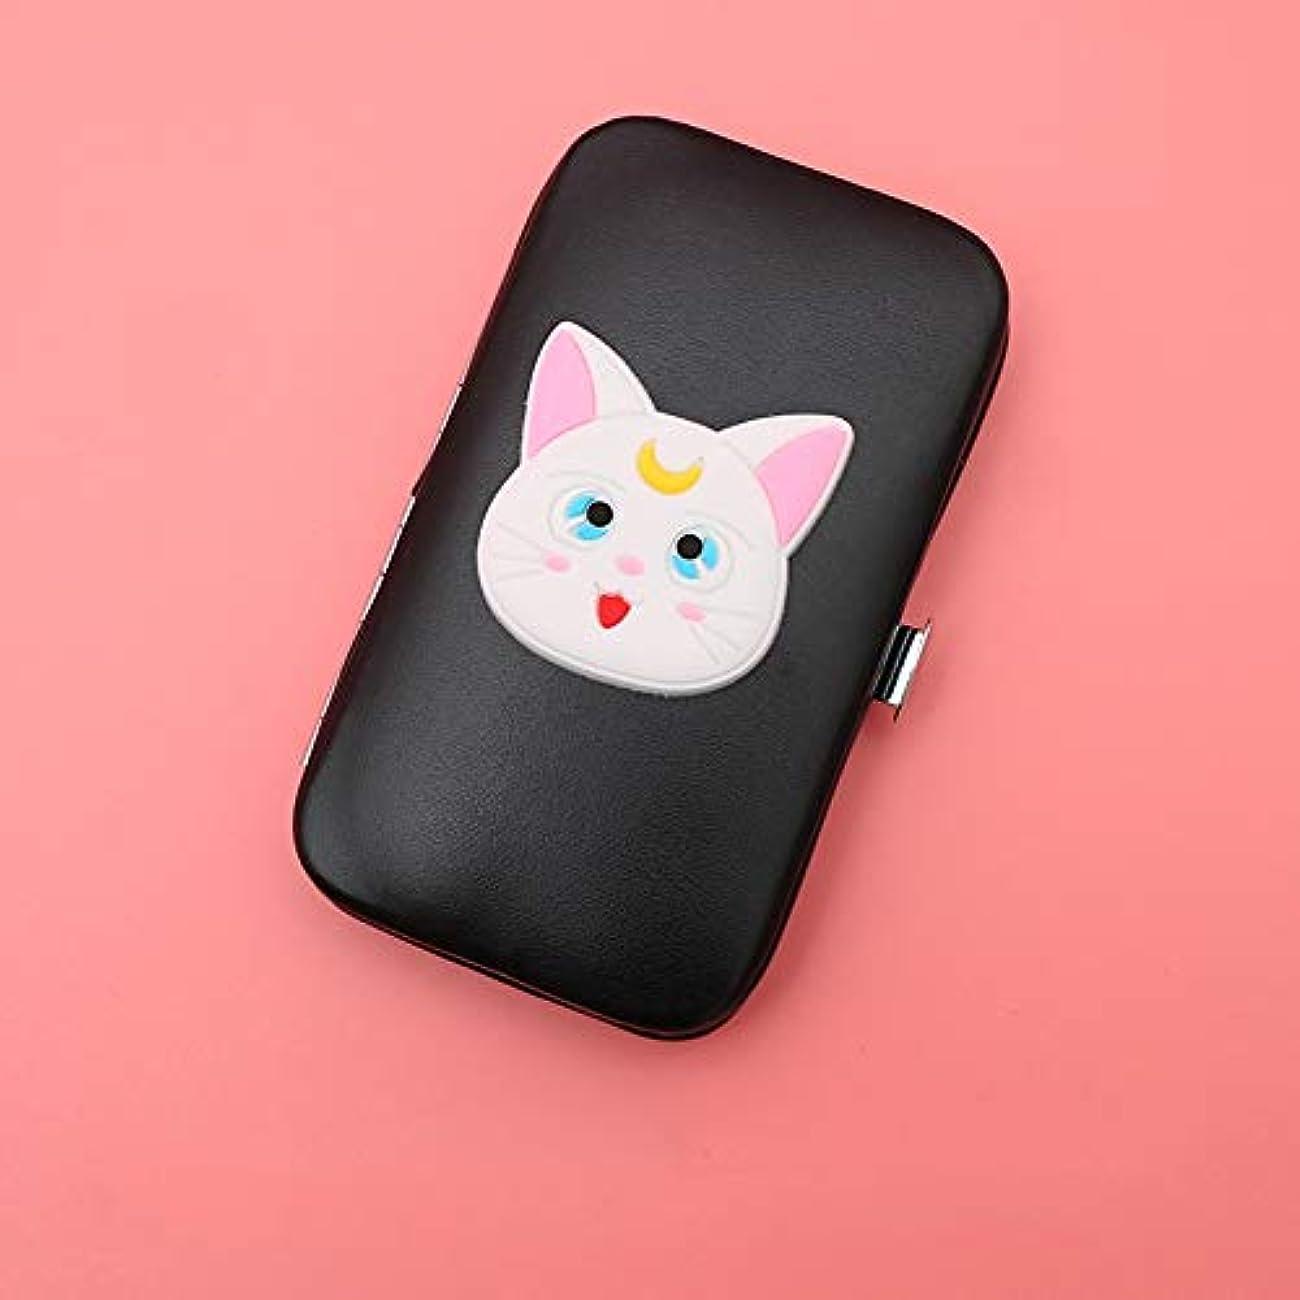 カップ軽漂流ネイルクリッパー7点セット、ネイルビューティーツールセット、女の子漫画ブラック箱入り(ホワイトムーン猫)用マニキュアキット